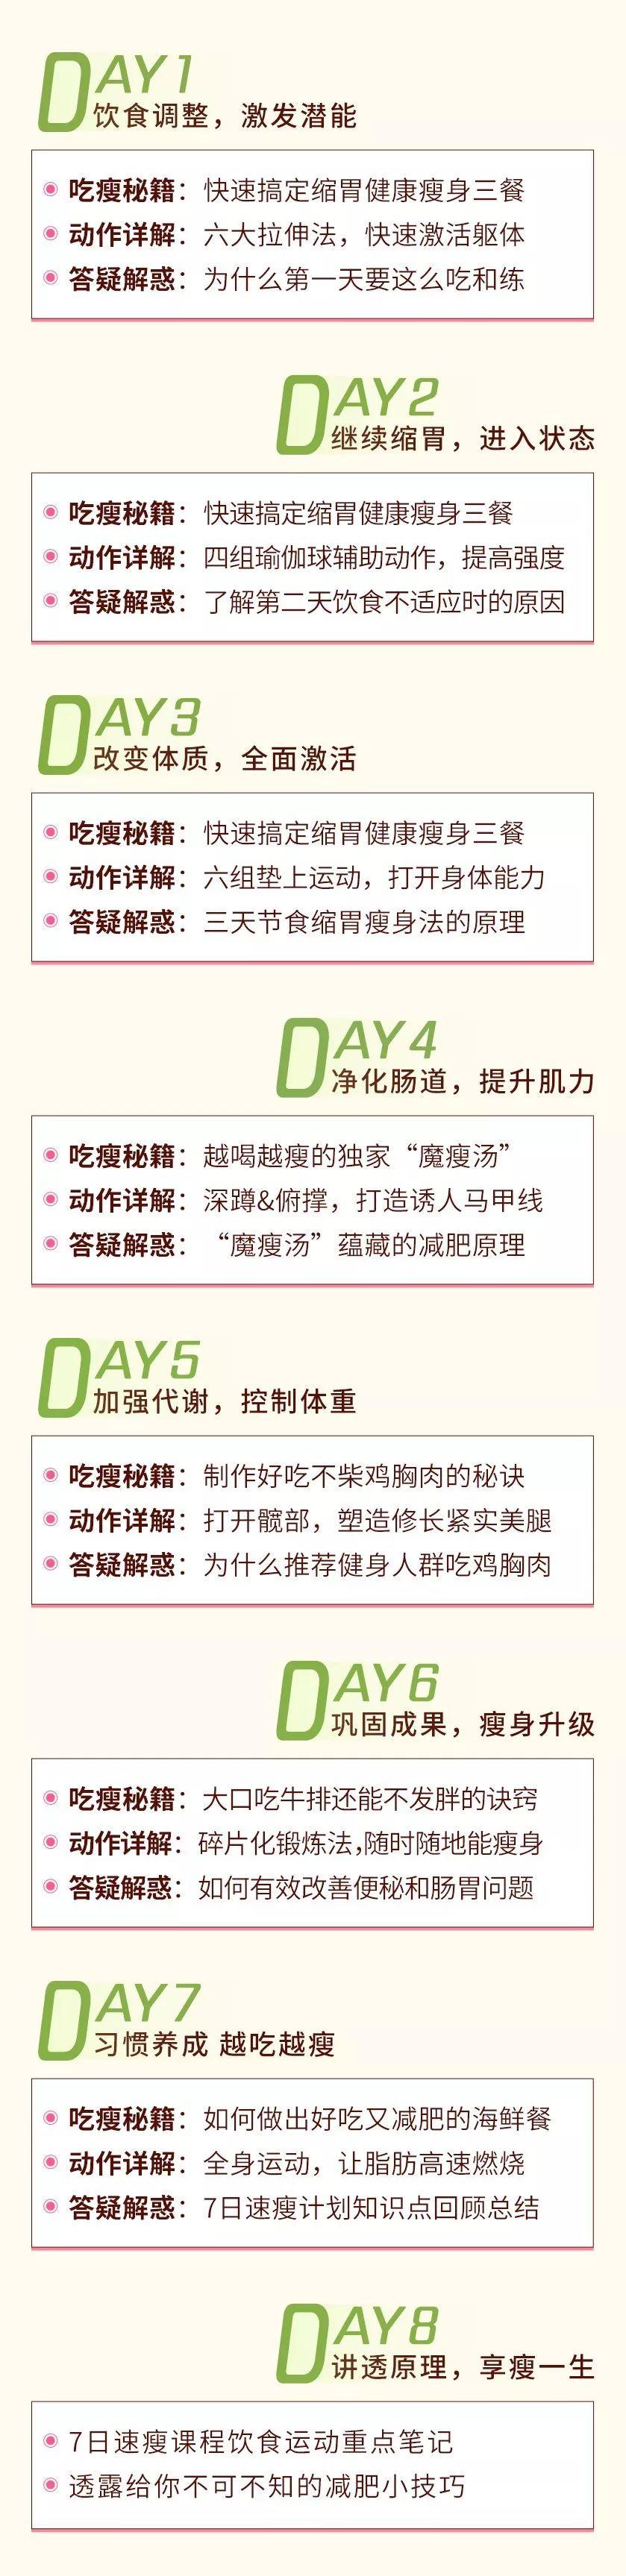 47岁台湾逆龄女神的瘦身秘技:7天居家跟吃跟练狂甩近10斤,轻松雕刻马甲线!-第20张图片-爱课啦